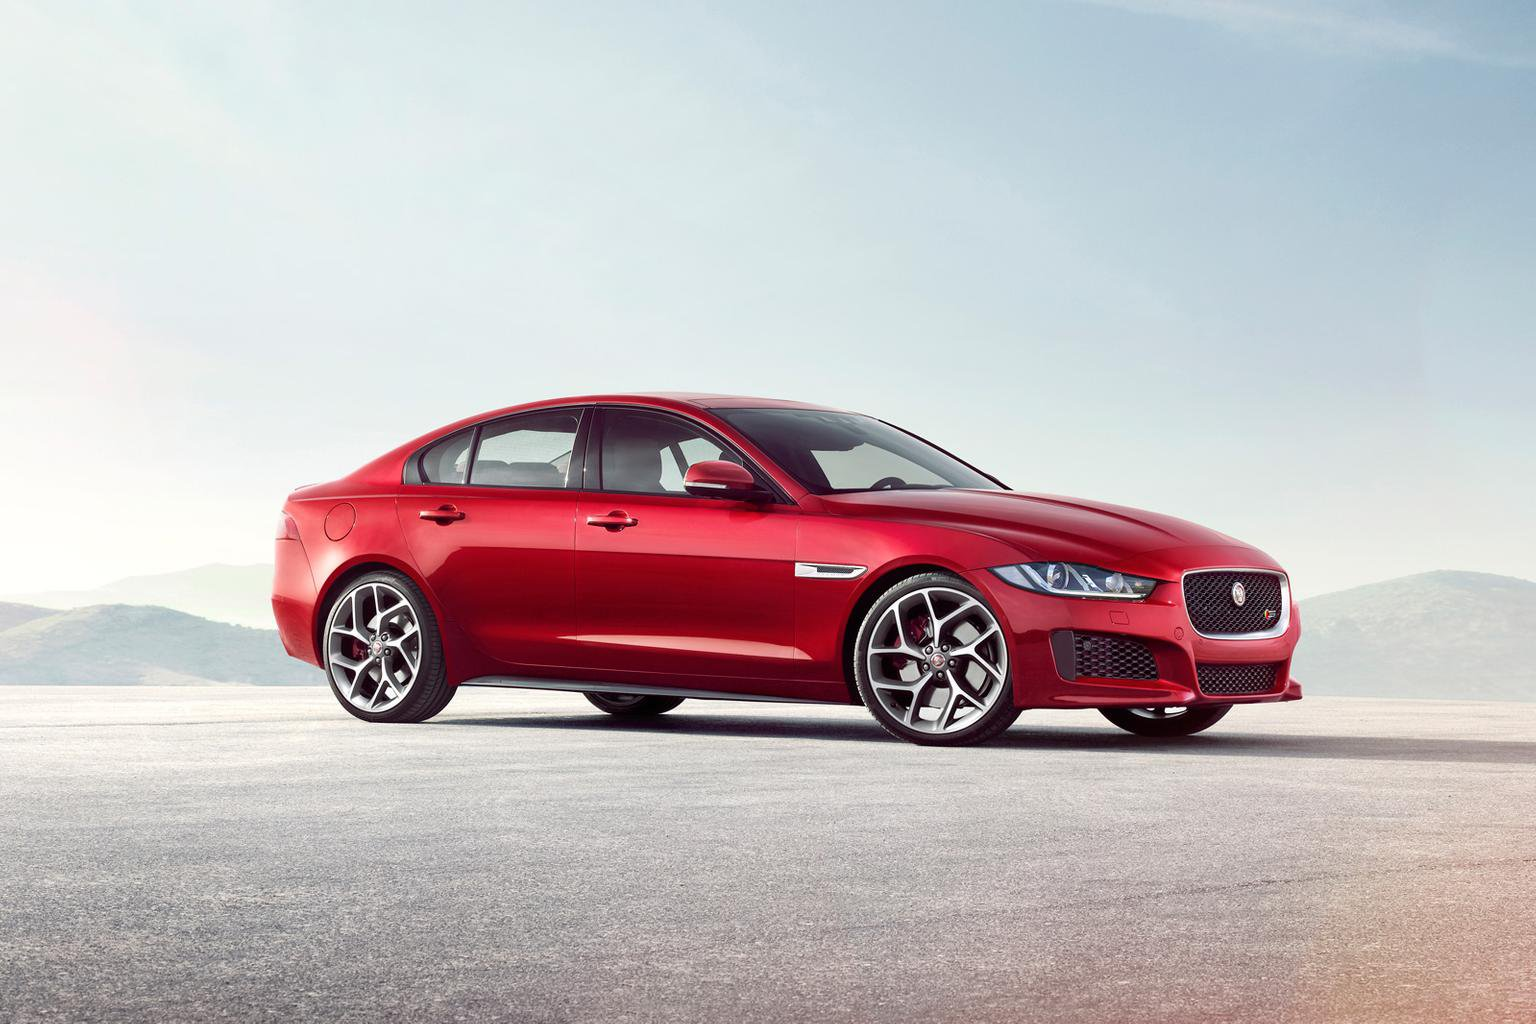 11 curious facts about the Jaguar XE